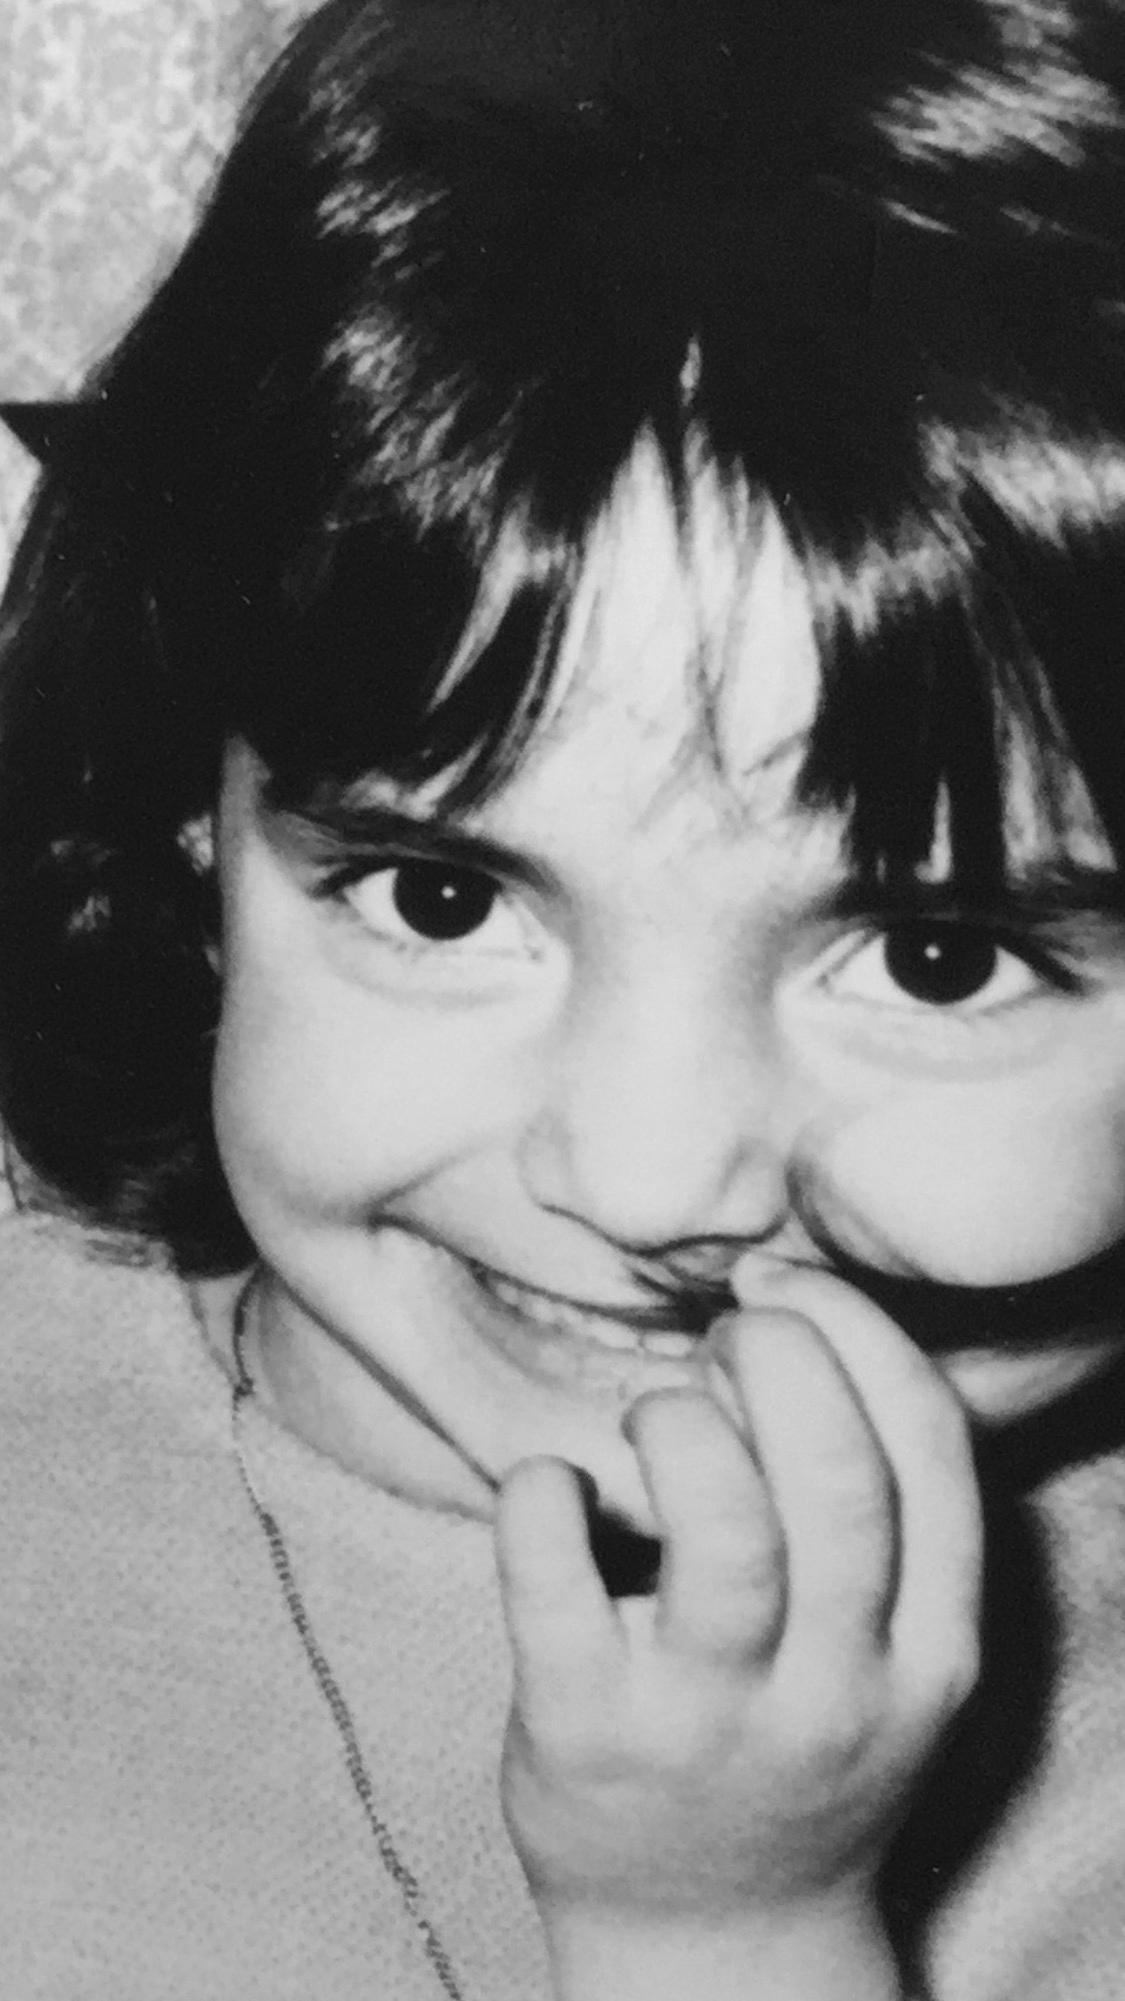 MICHELLE MADRID BRANCH,CHILDHOOD,ADOPTION